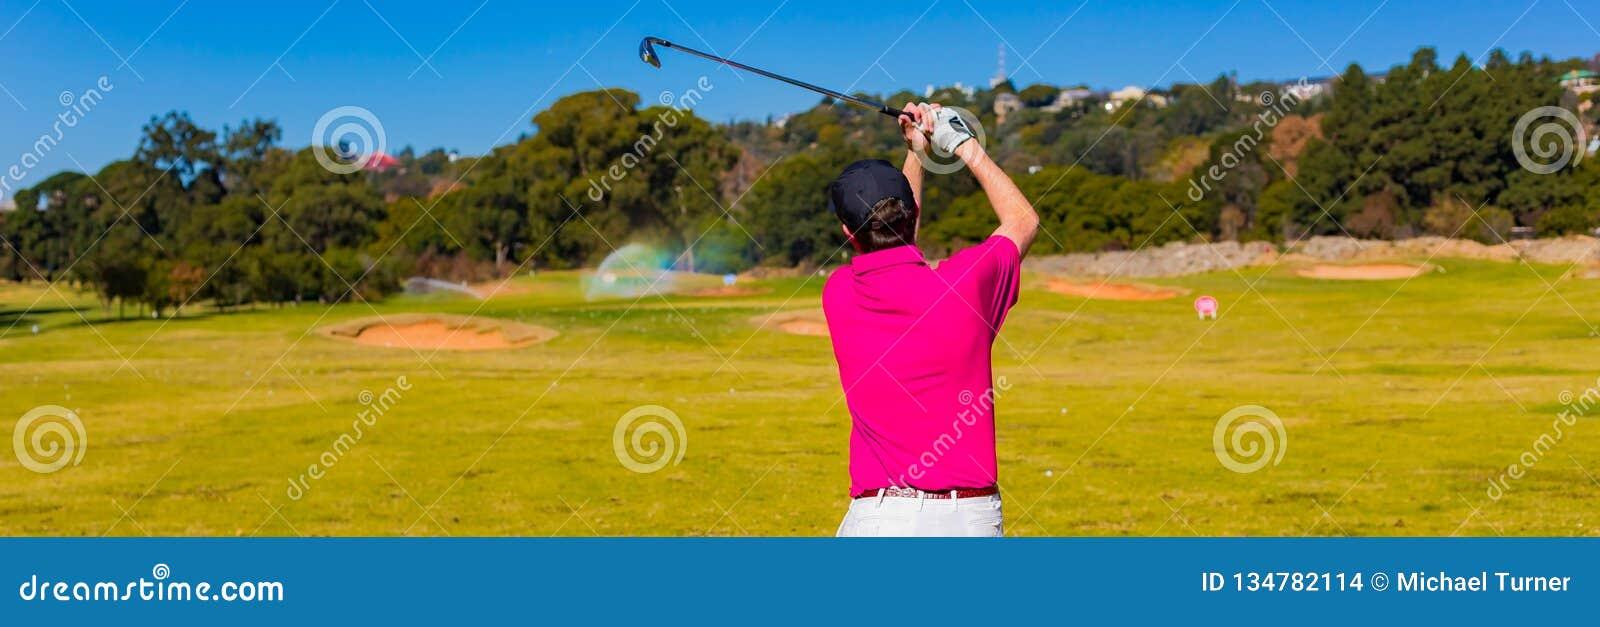 Mens het teeing weg op een golfcursus met een bestuurder